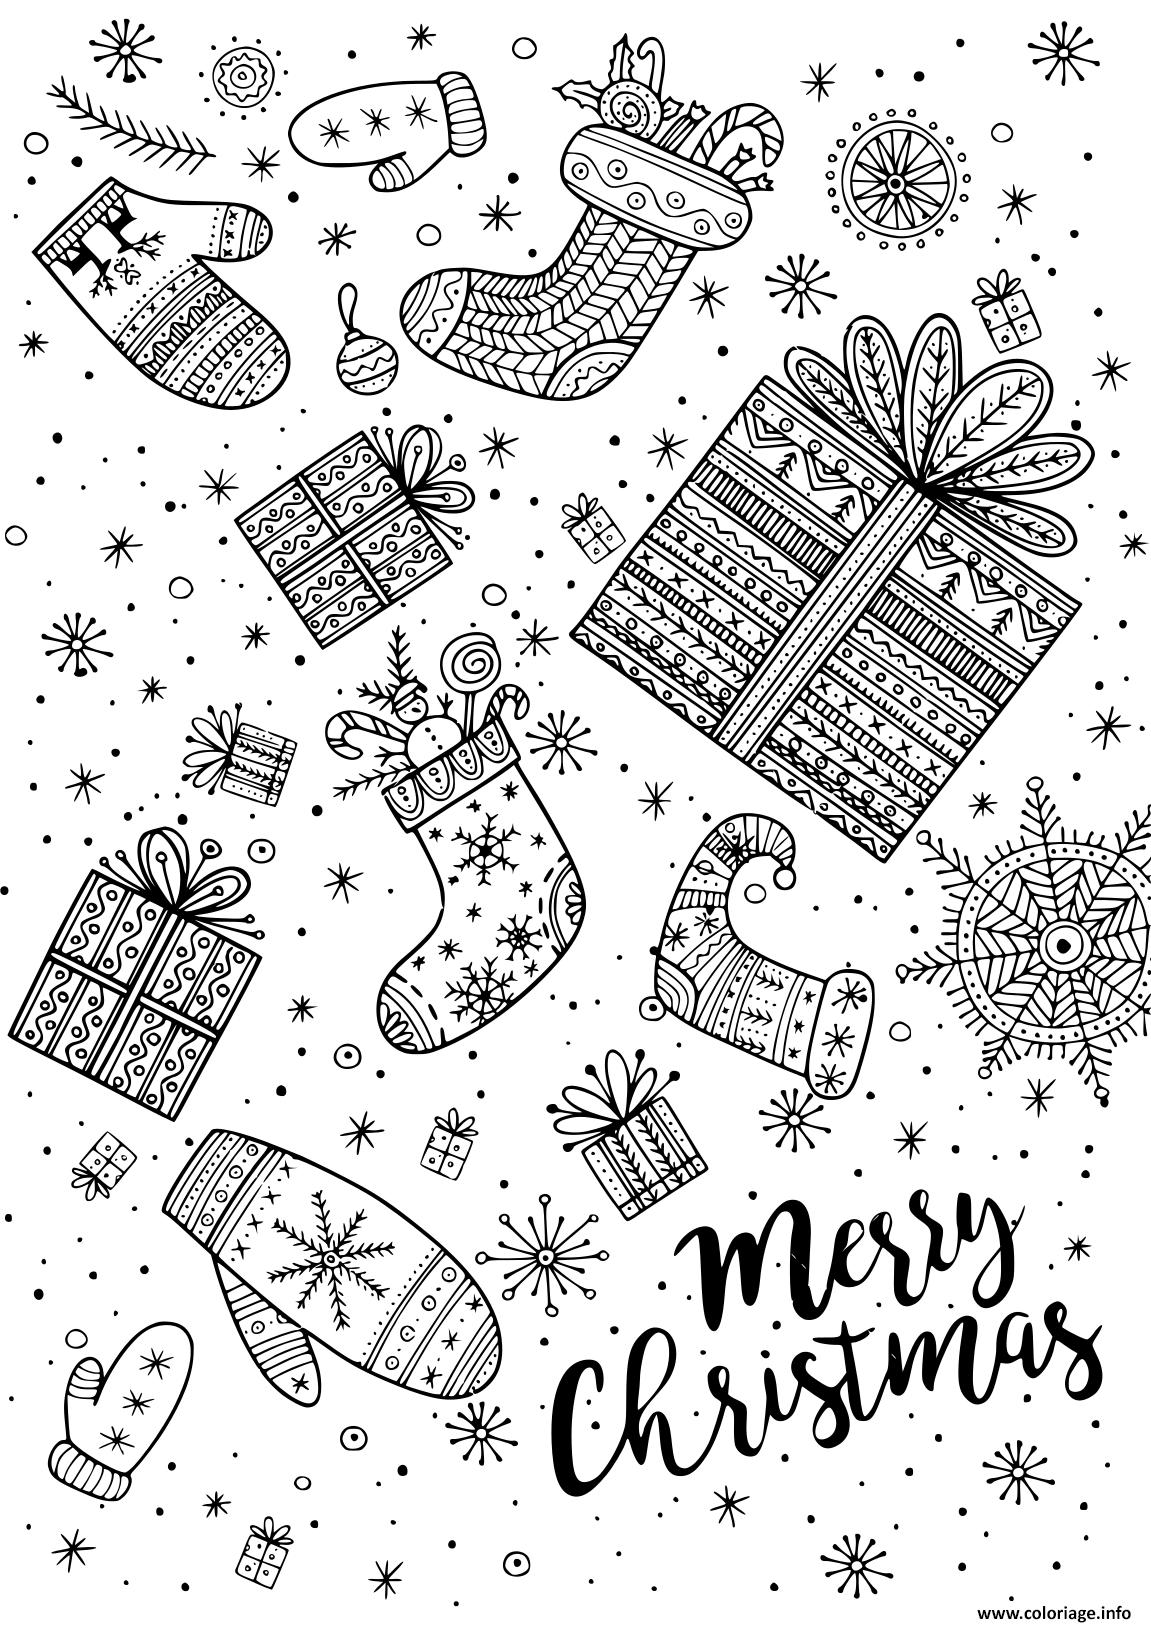 Coloriage Joyeux Noel Cadeaux Et Bas De Noel Adulte Dessin